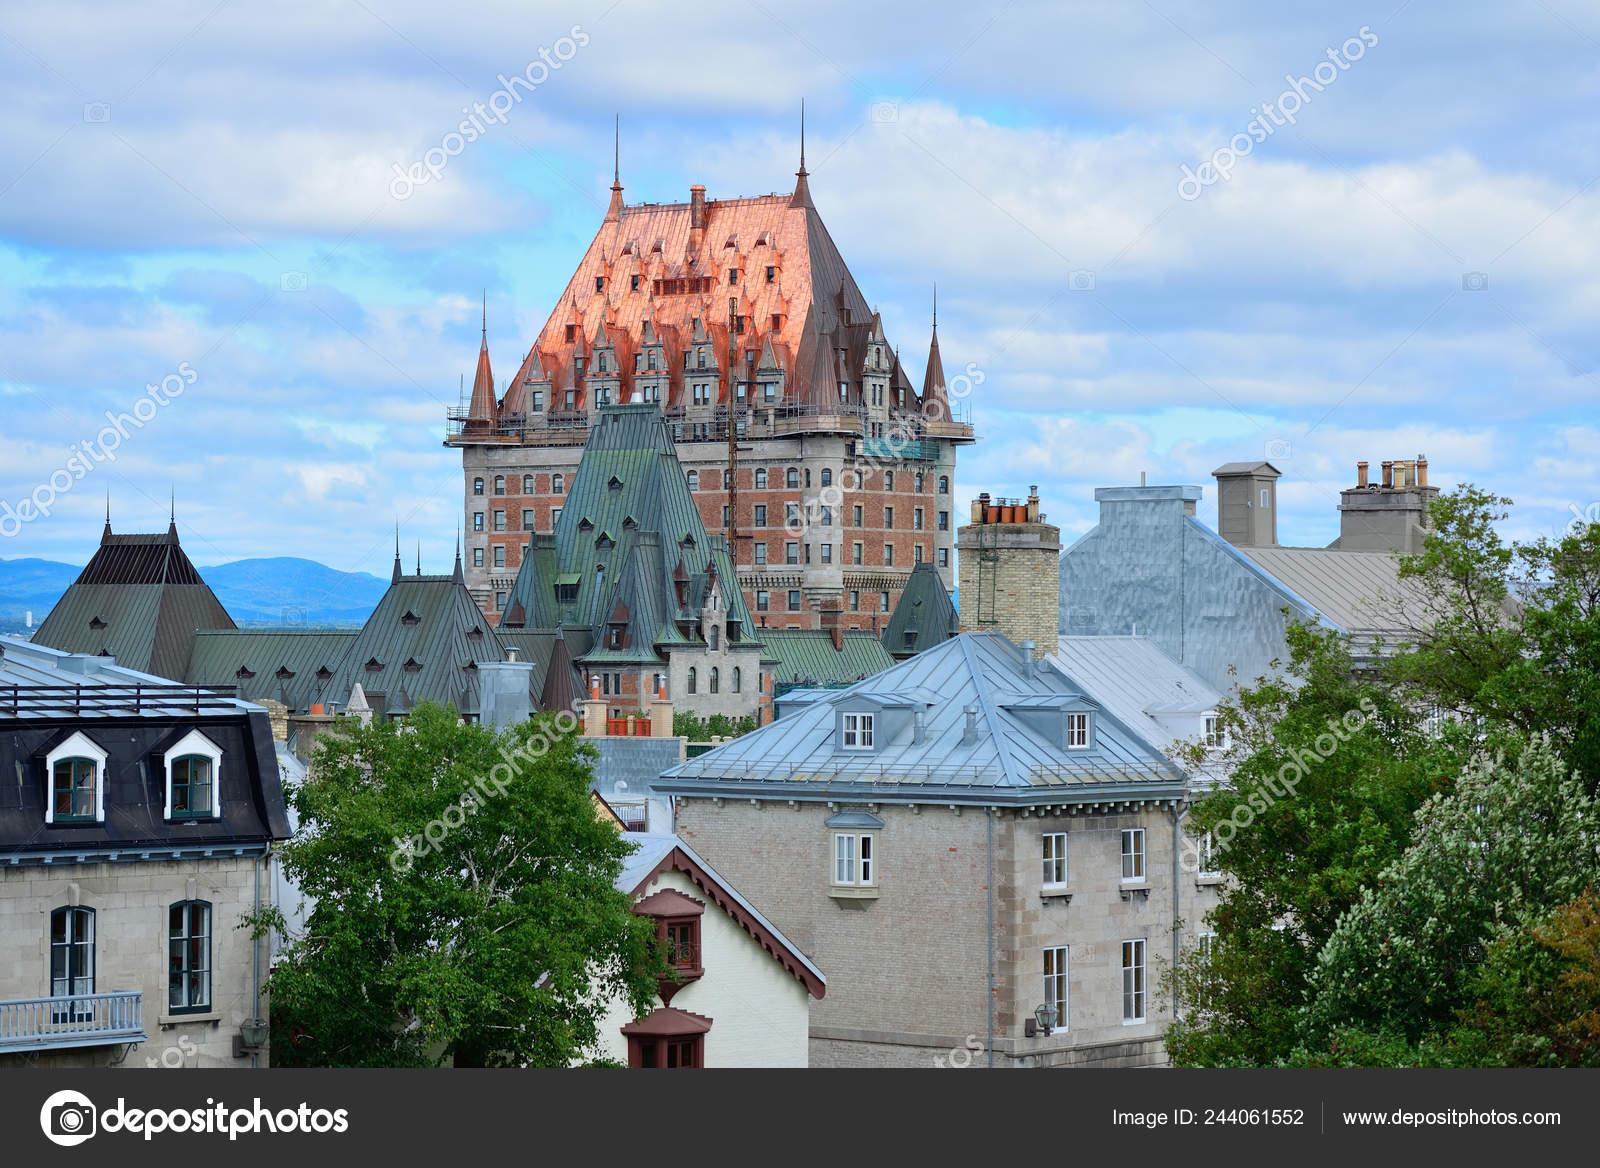 Un Chateau Dans Les Nuages château frontenac dans journée avec ciel bleu nuage québec